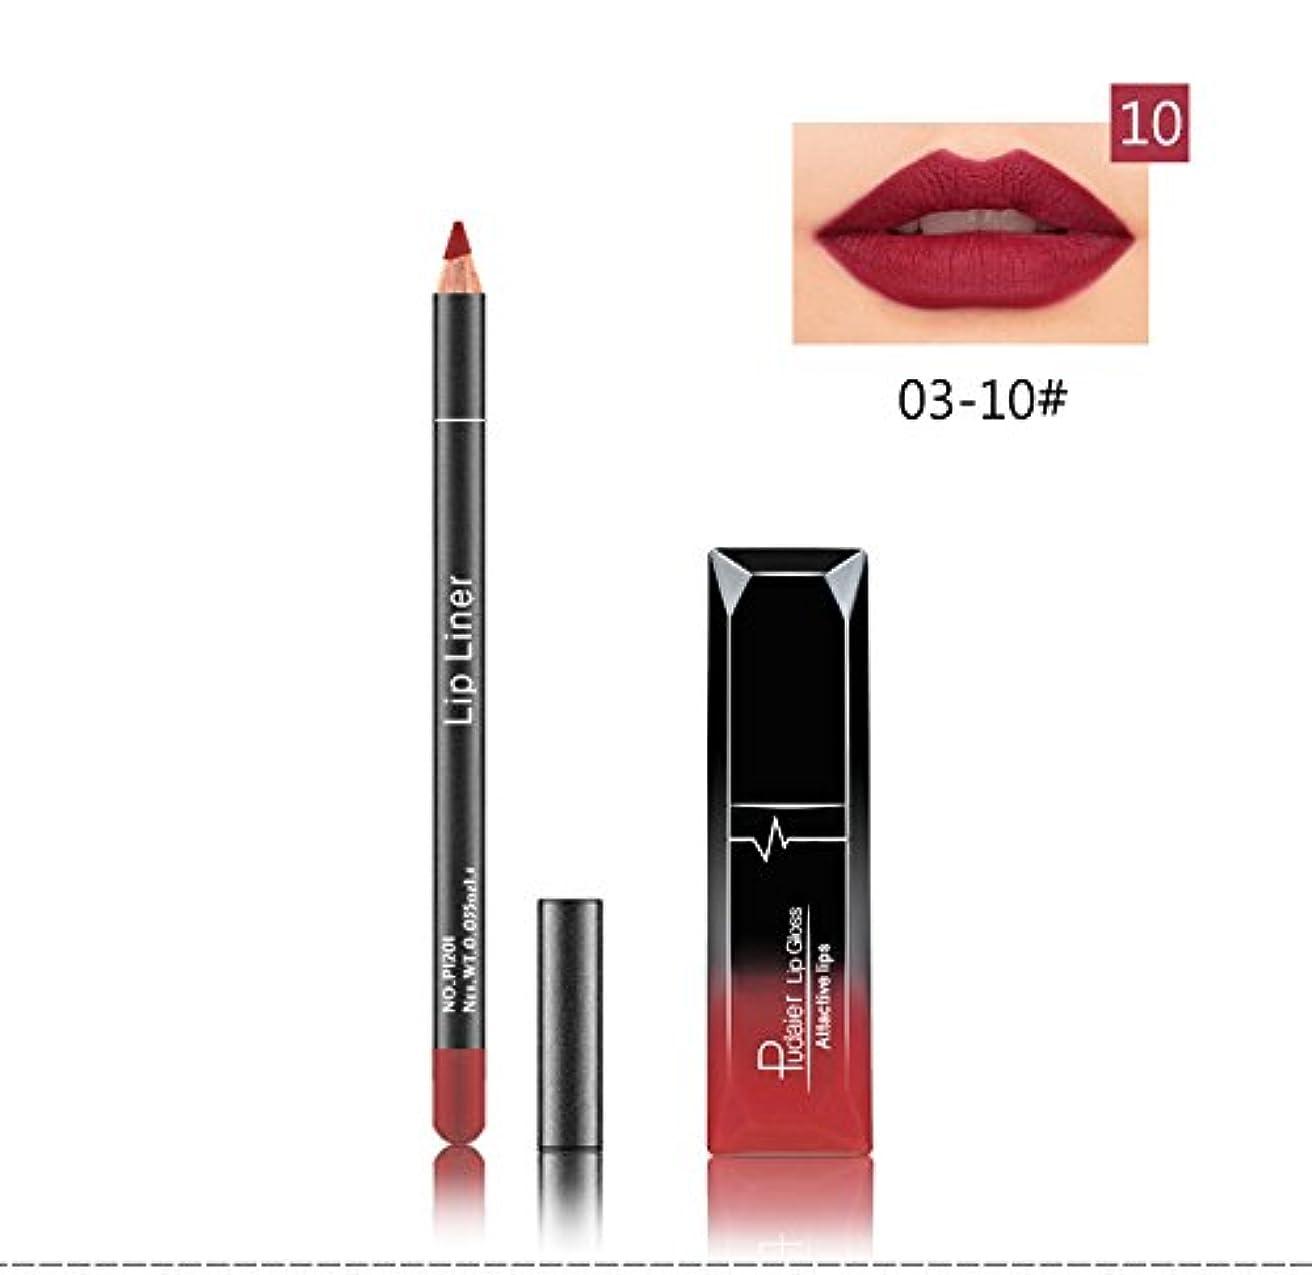 テンション鰐伝統的(10) Pudaier 1pc Matte Liquid Lipstick Cosmetic Lip Kit+ 1 Pc Nude Lip Liner Pencil MakeUp Set Waterproof Long...